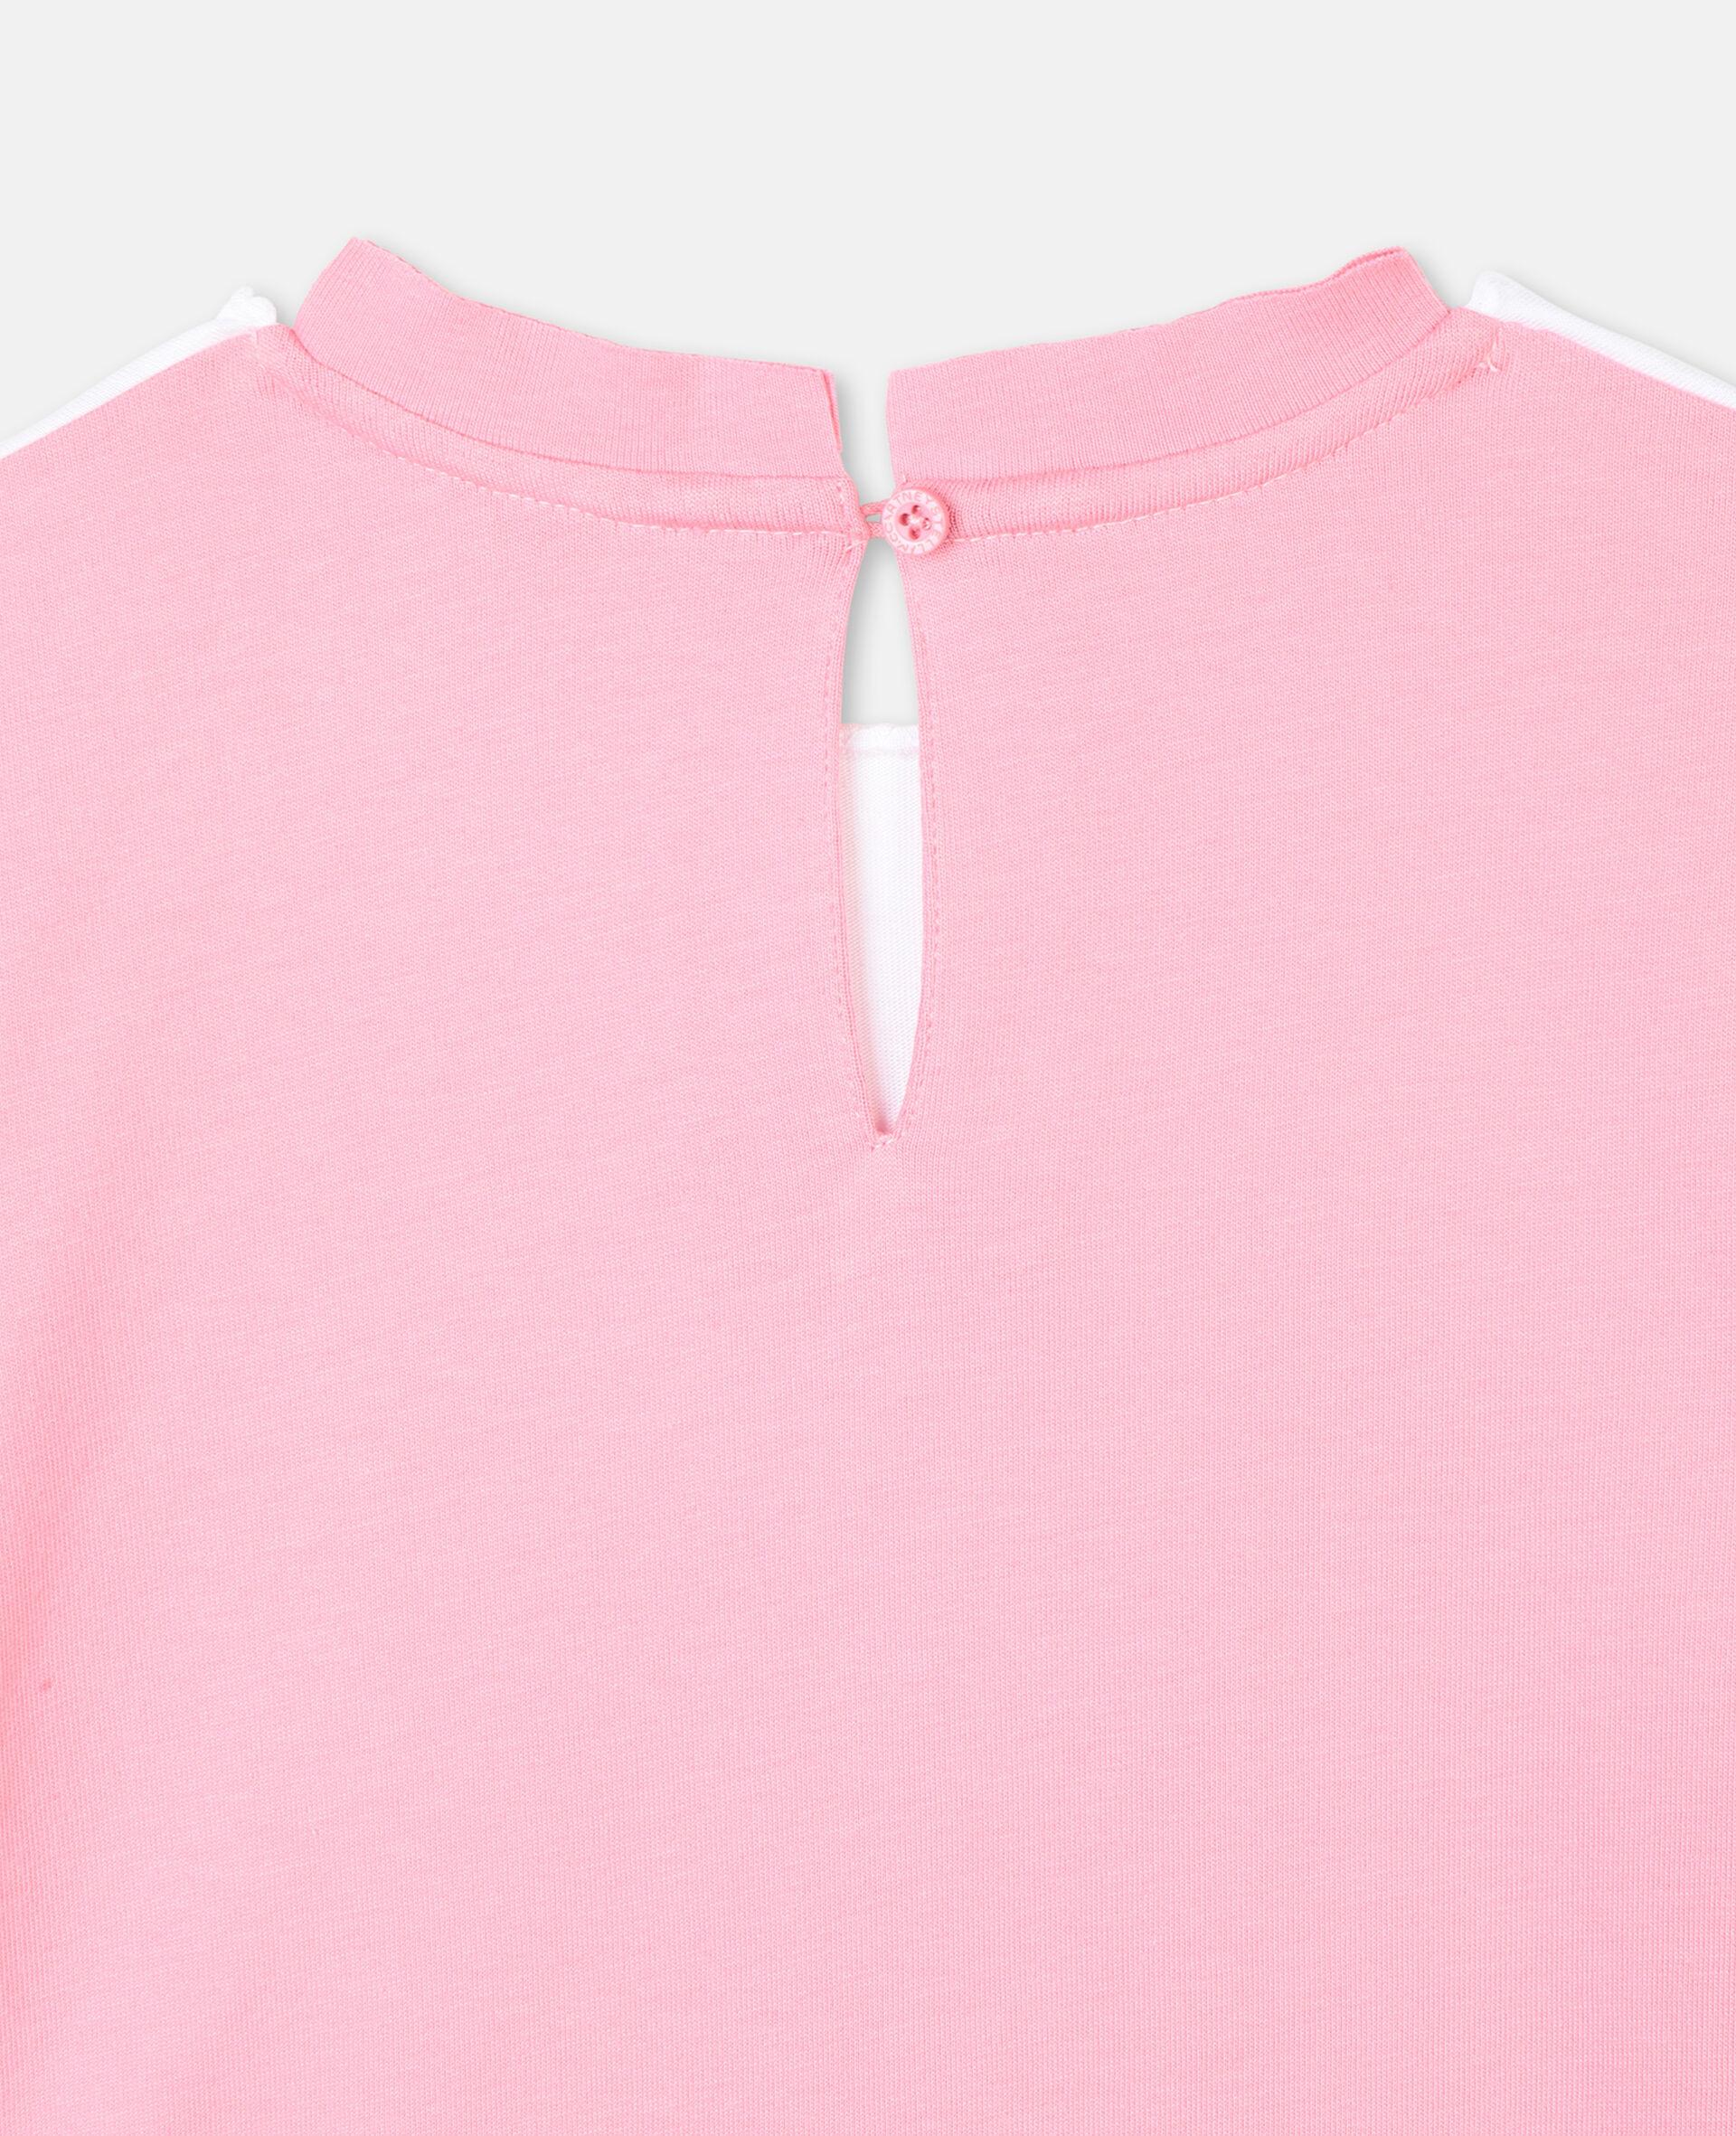 Flamingo Cotton Dress-White-large image number 2